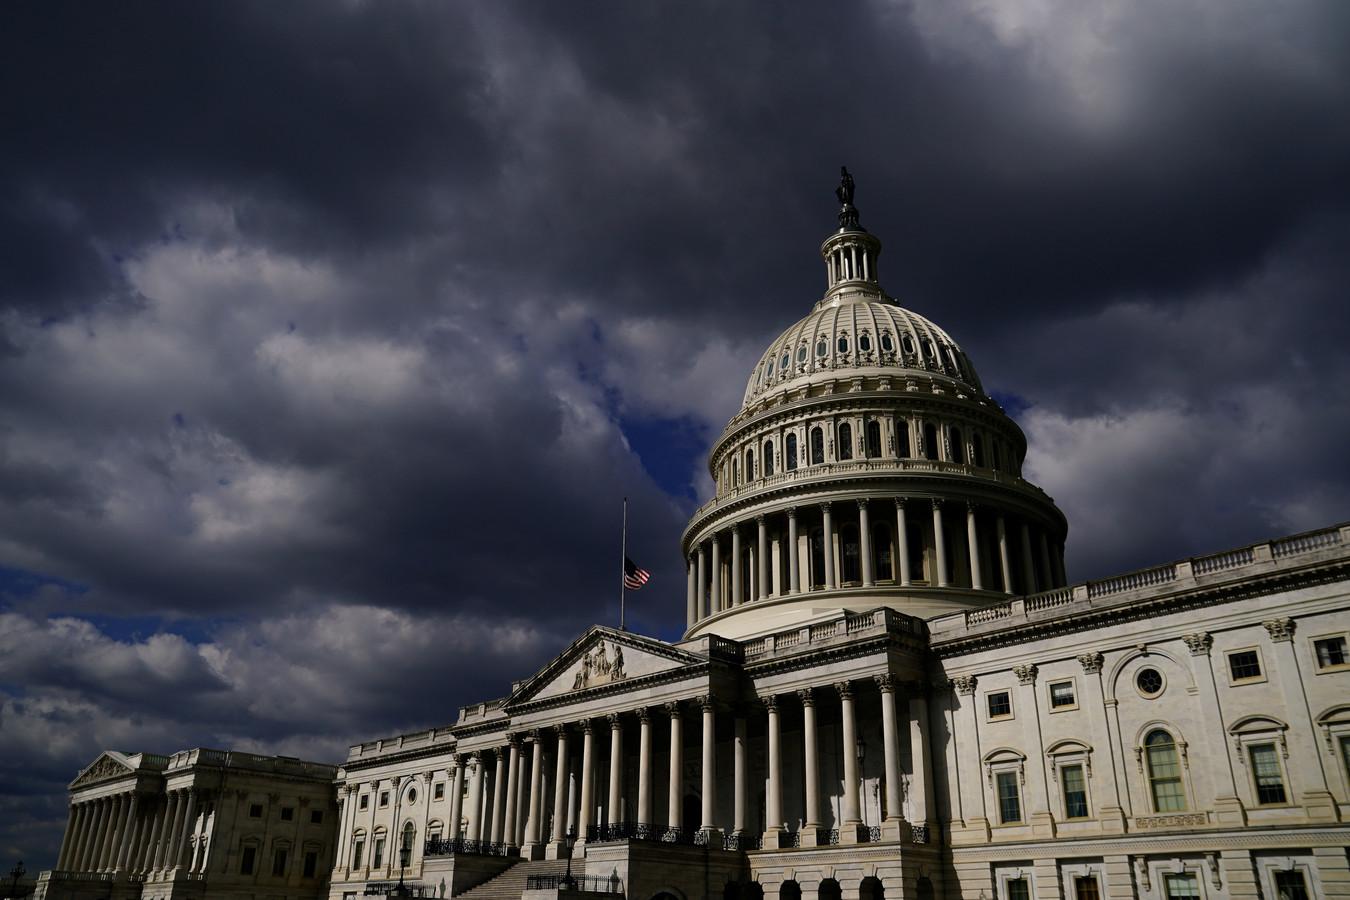 Het Amerikaanse Capitool in Washington.